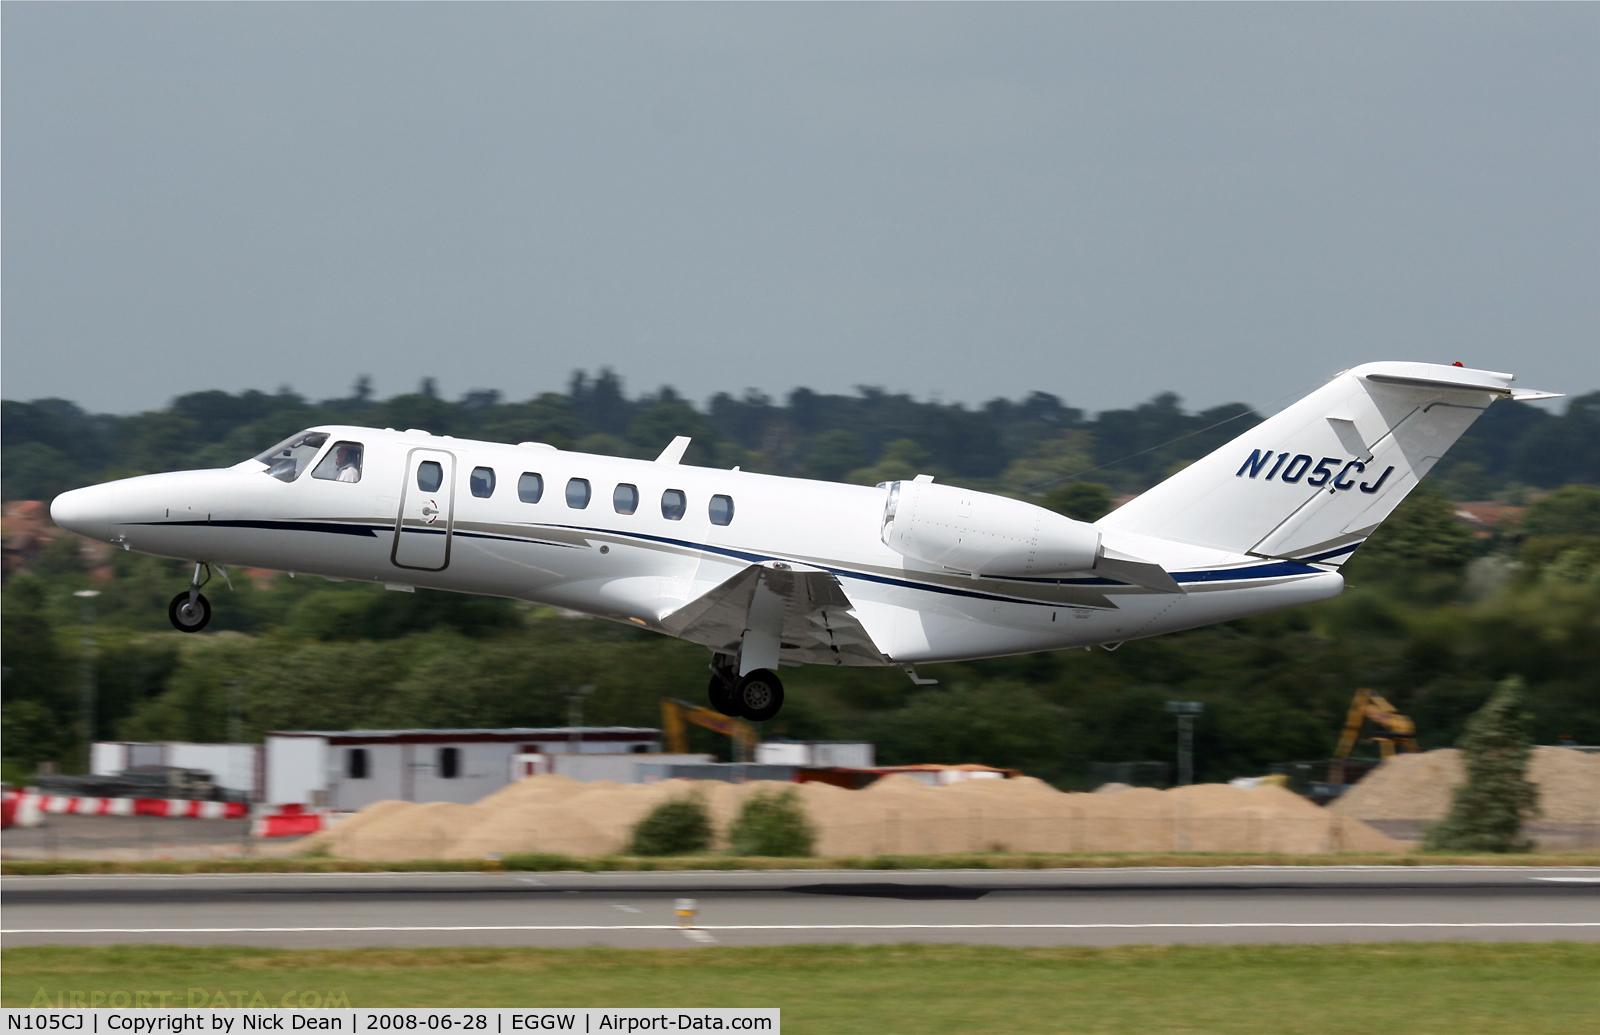 N105CJ, 2004 Cessna 525B CitationJet CJ3 C/N 525B0005, EGGW